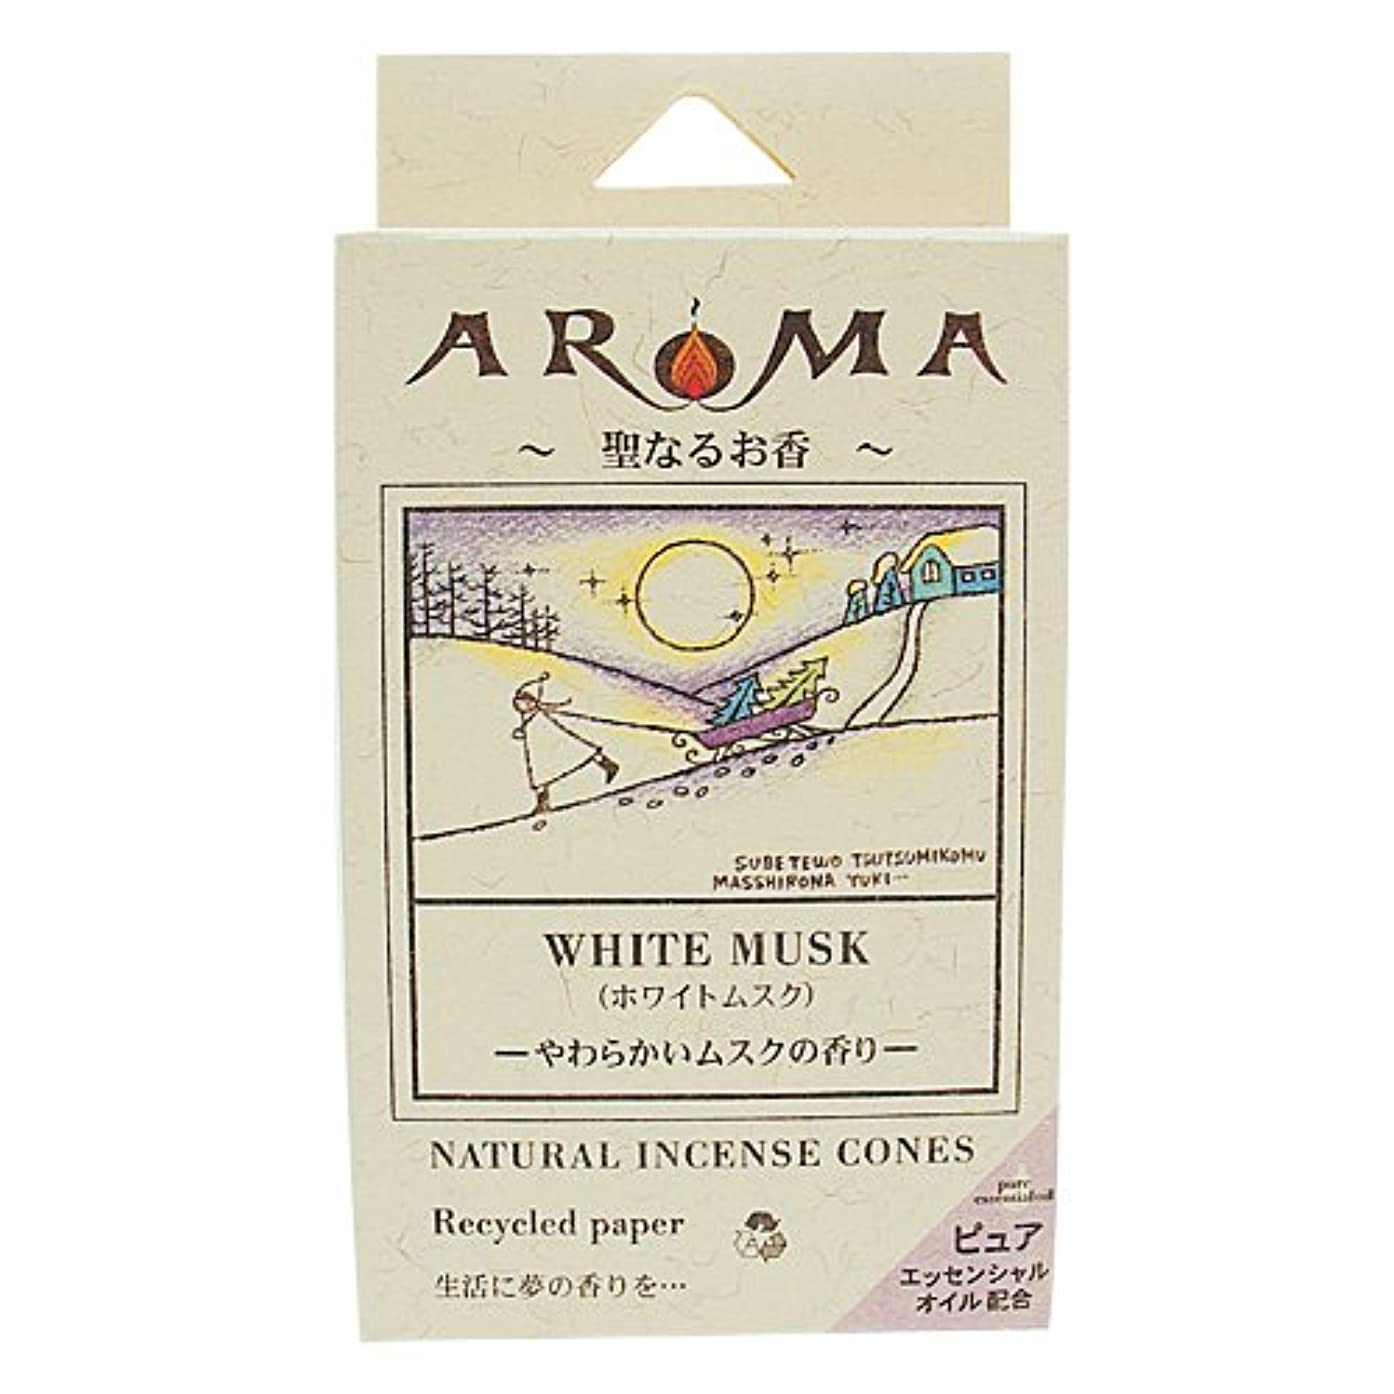 整然とした換気するクレデンシャルアロマ香 ホワイトムスク 16粒(コーンタイプインセンス 1粒の燃焼時間約20分 やわらかいムスクの香り)